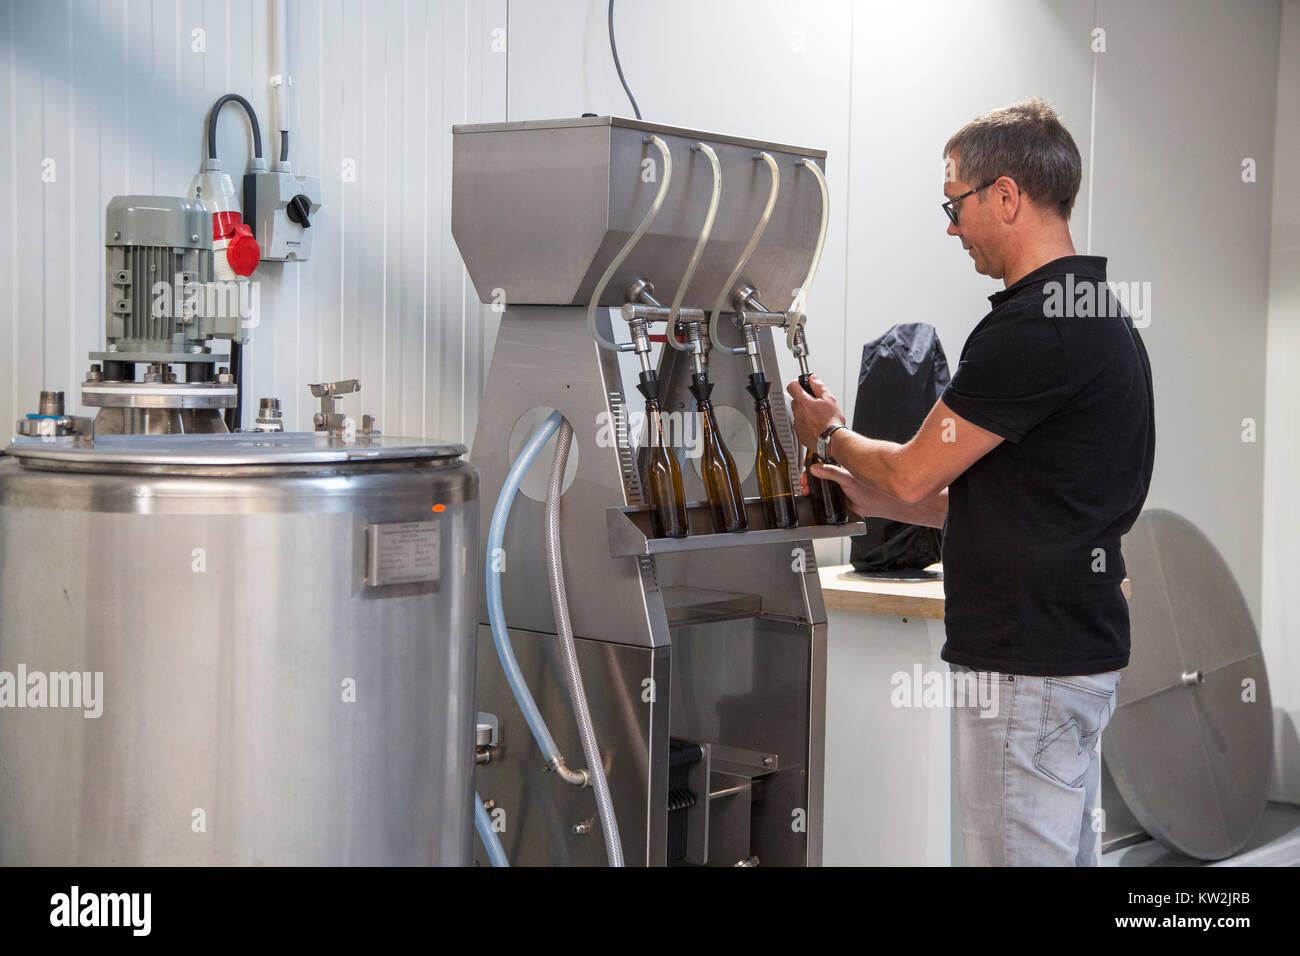 Abfüllung Brauerei Bier durch Abfüllung von Bier Flaschen mit Spachtel / Füller in der lokalen Brauerei Stockbild